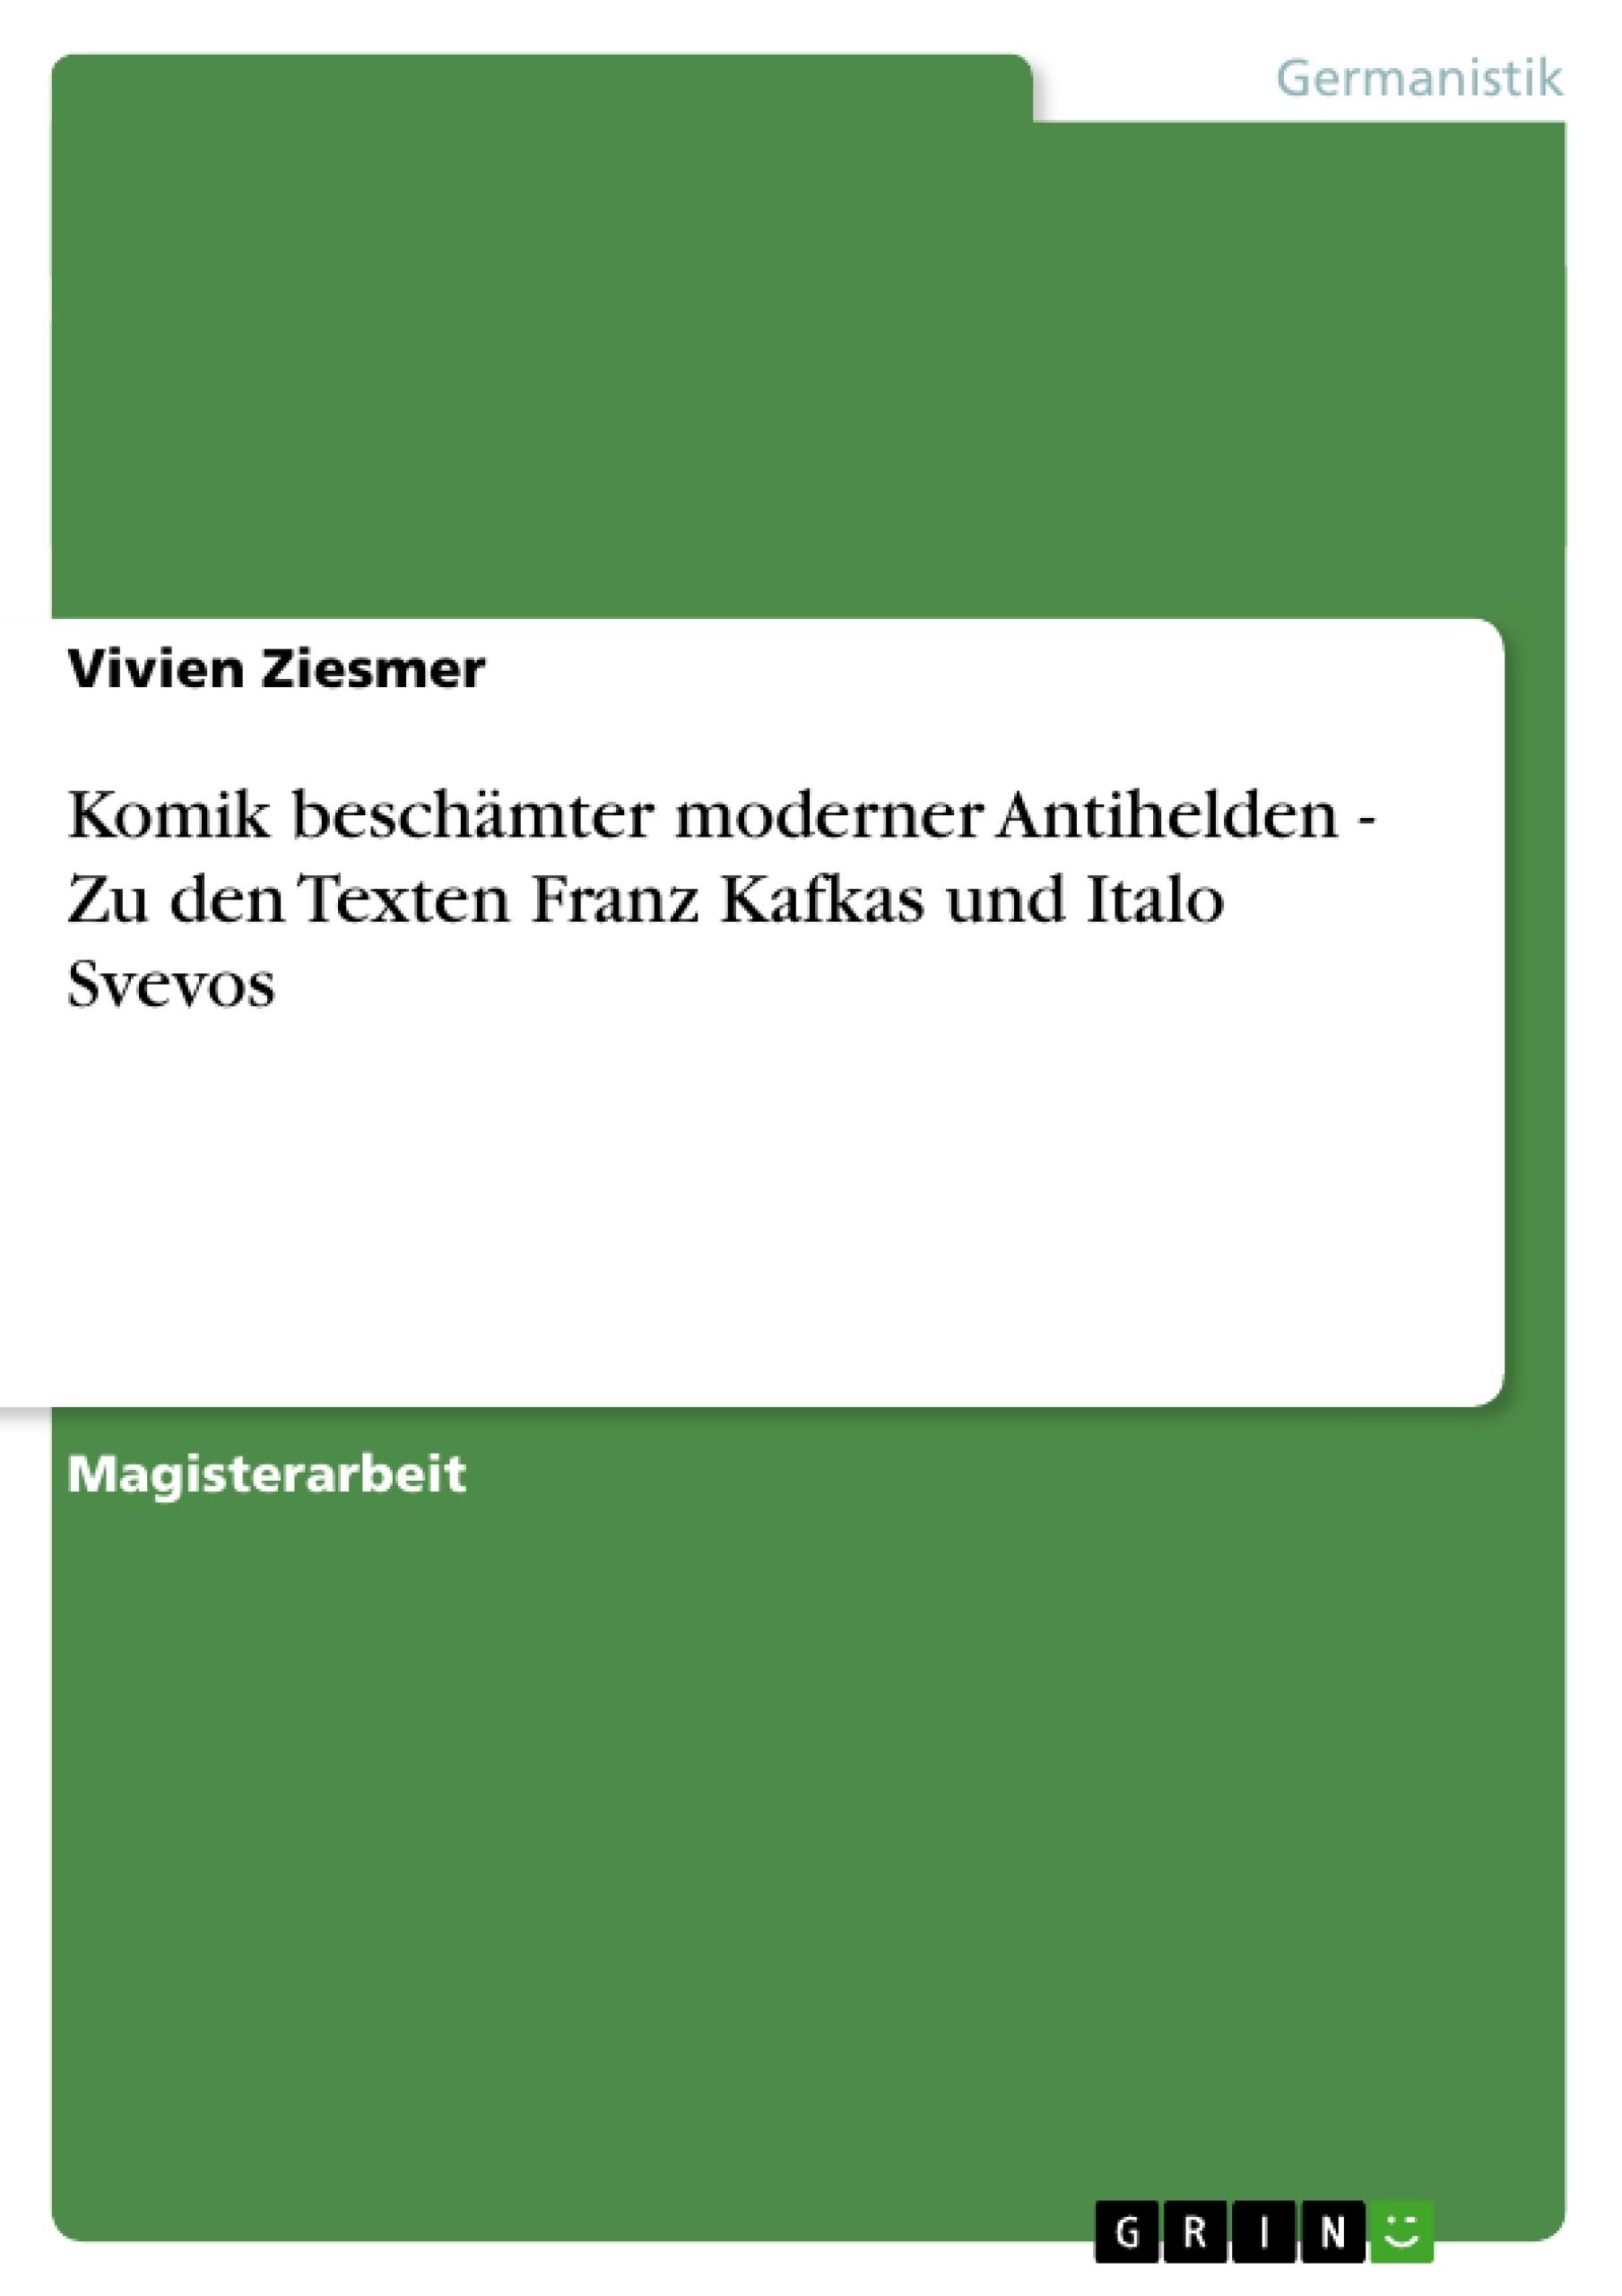 Titel: Komik beschämter moderner Antihelden - Zu den Texten Franz Kafkas und Italo Svevos